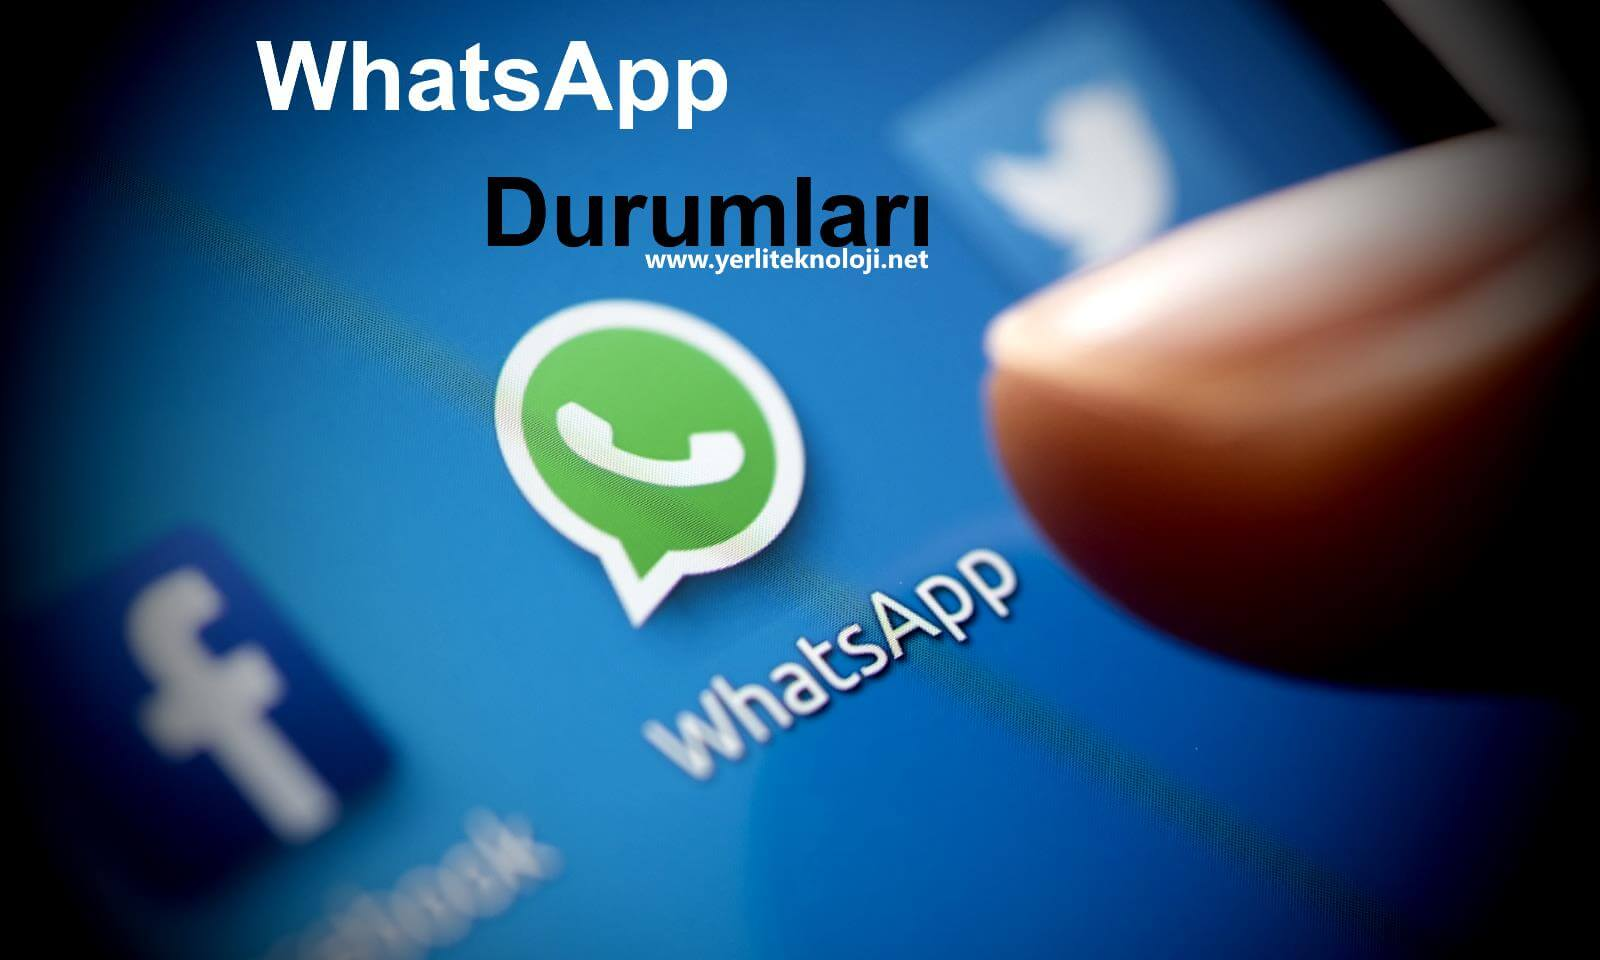 Etkileyici kısa WhatsApp durum sözleri burada! 2020